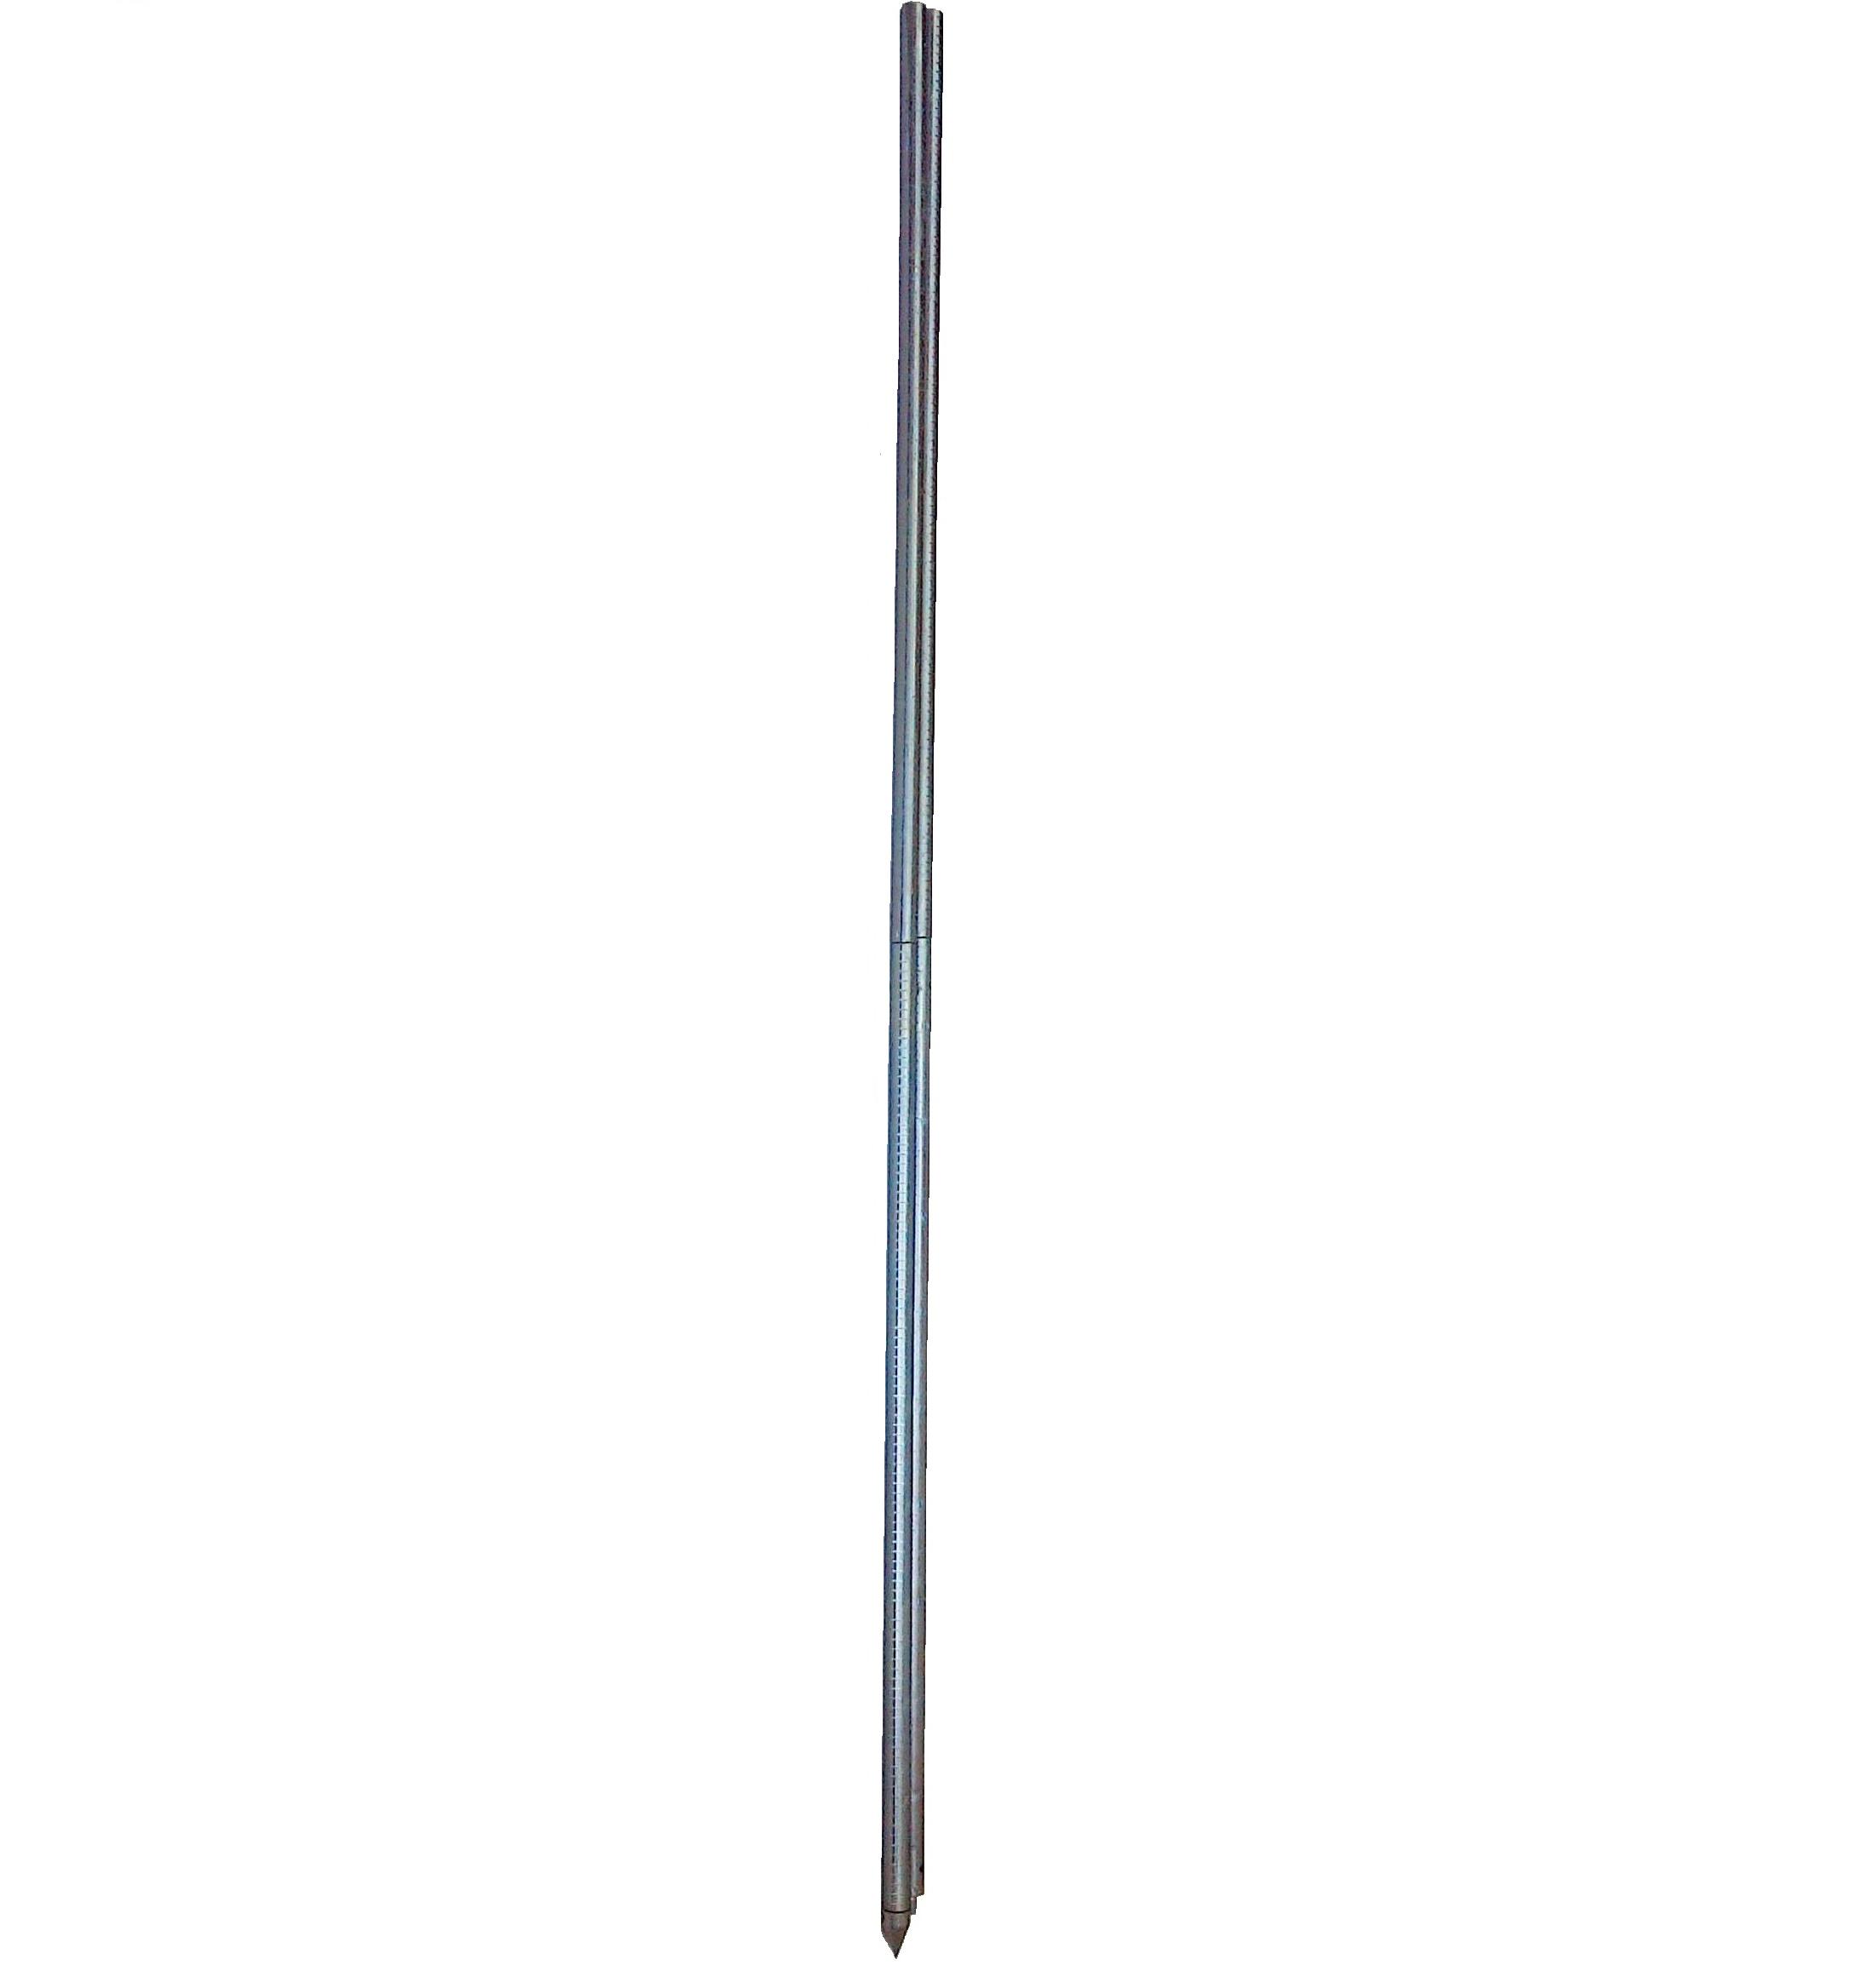 Рейка гидрометрическая ГР-56-02 (оцинкованная или нержавеющая сталь — 2 секции по 2 метра)